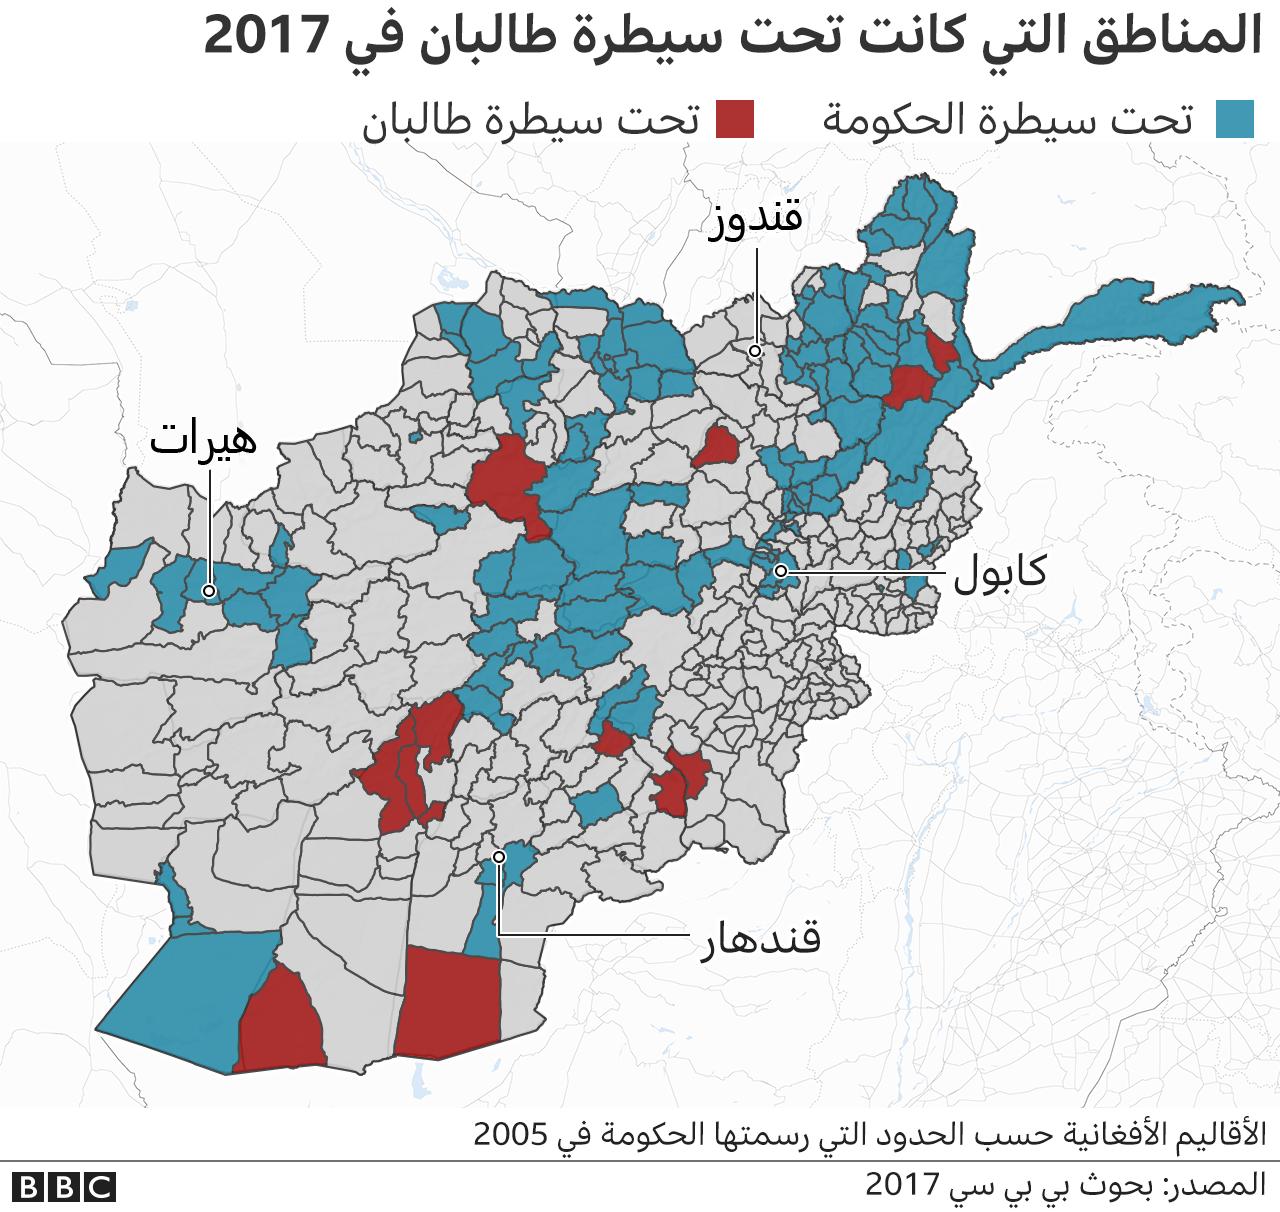 المناطق التي كانت تحت سيطرة طالبان في عام 2017